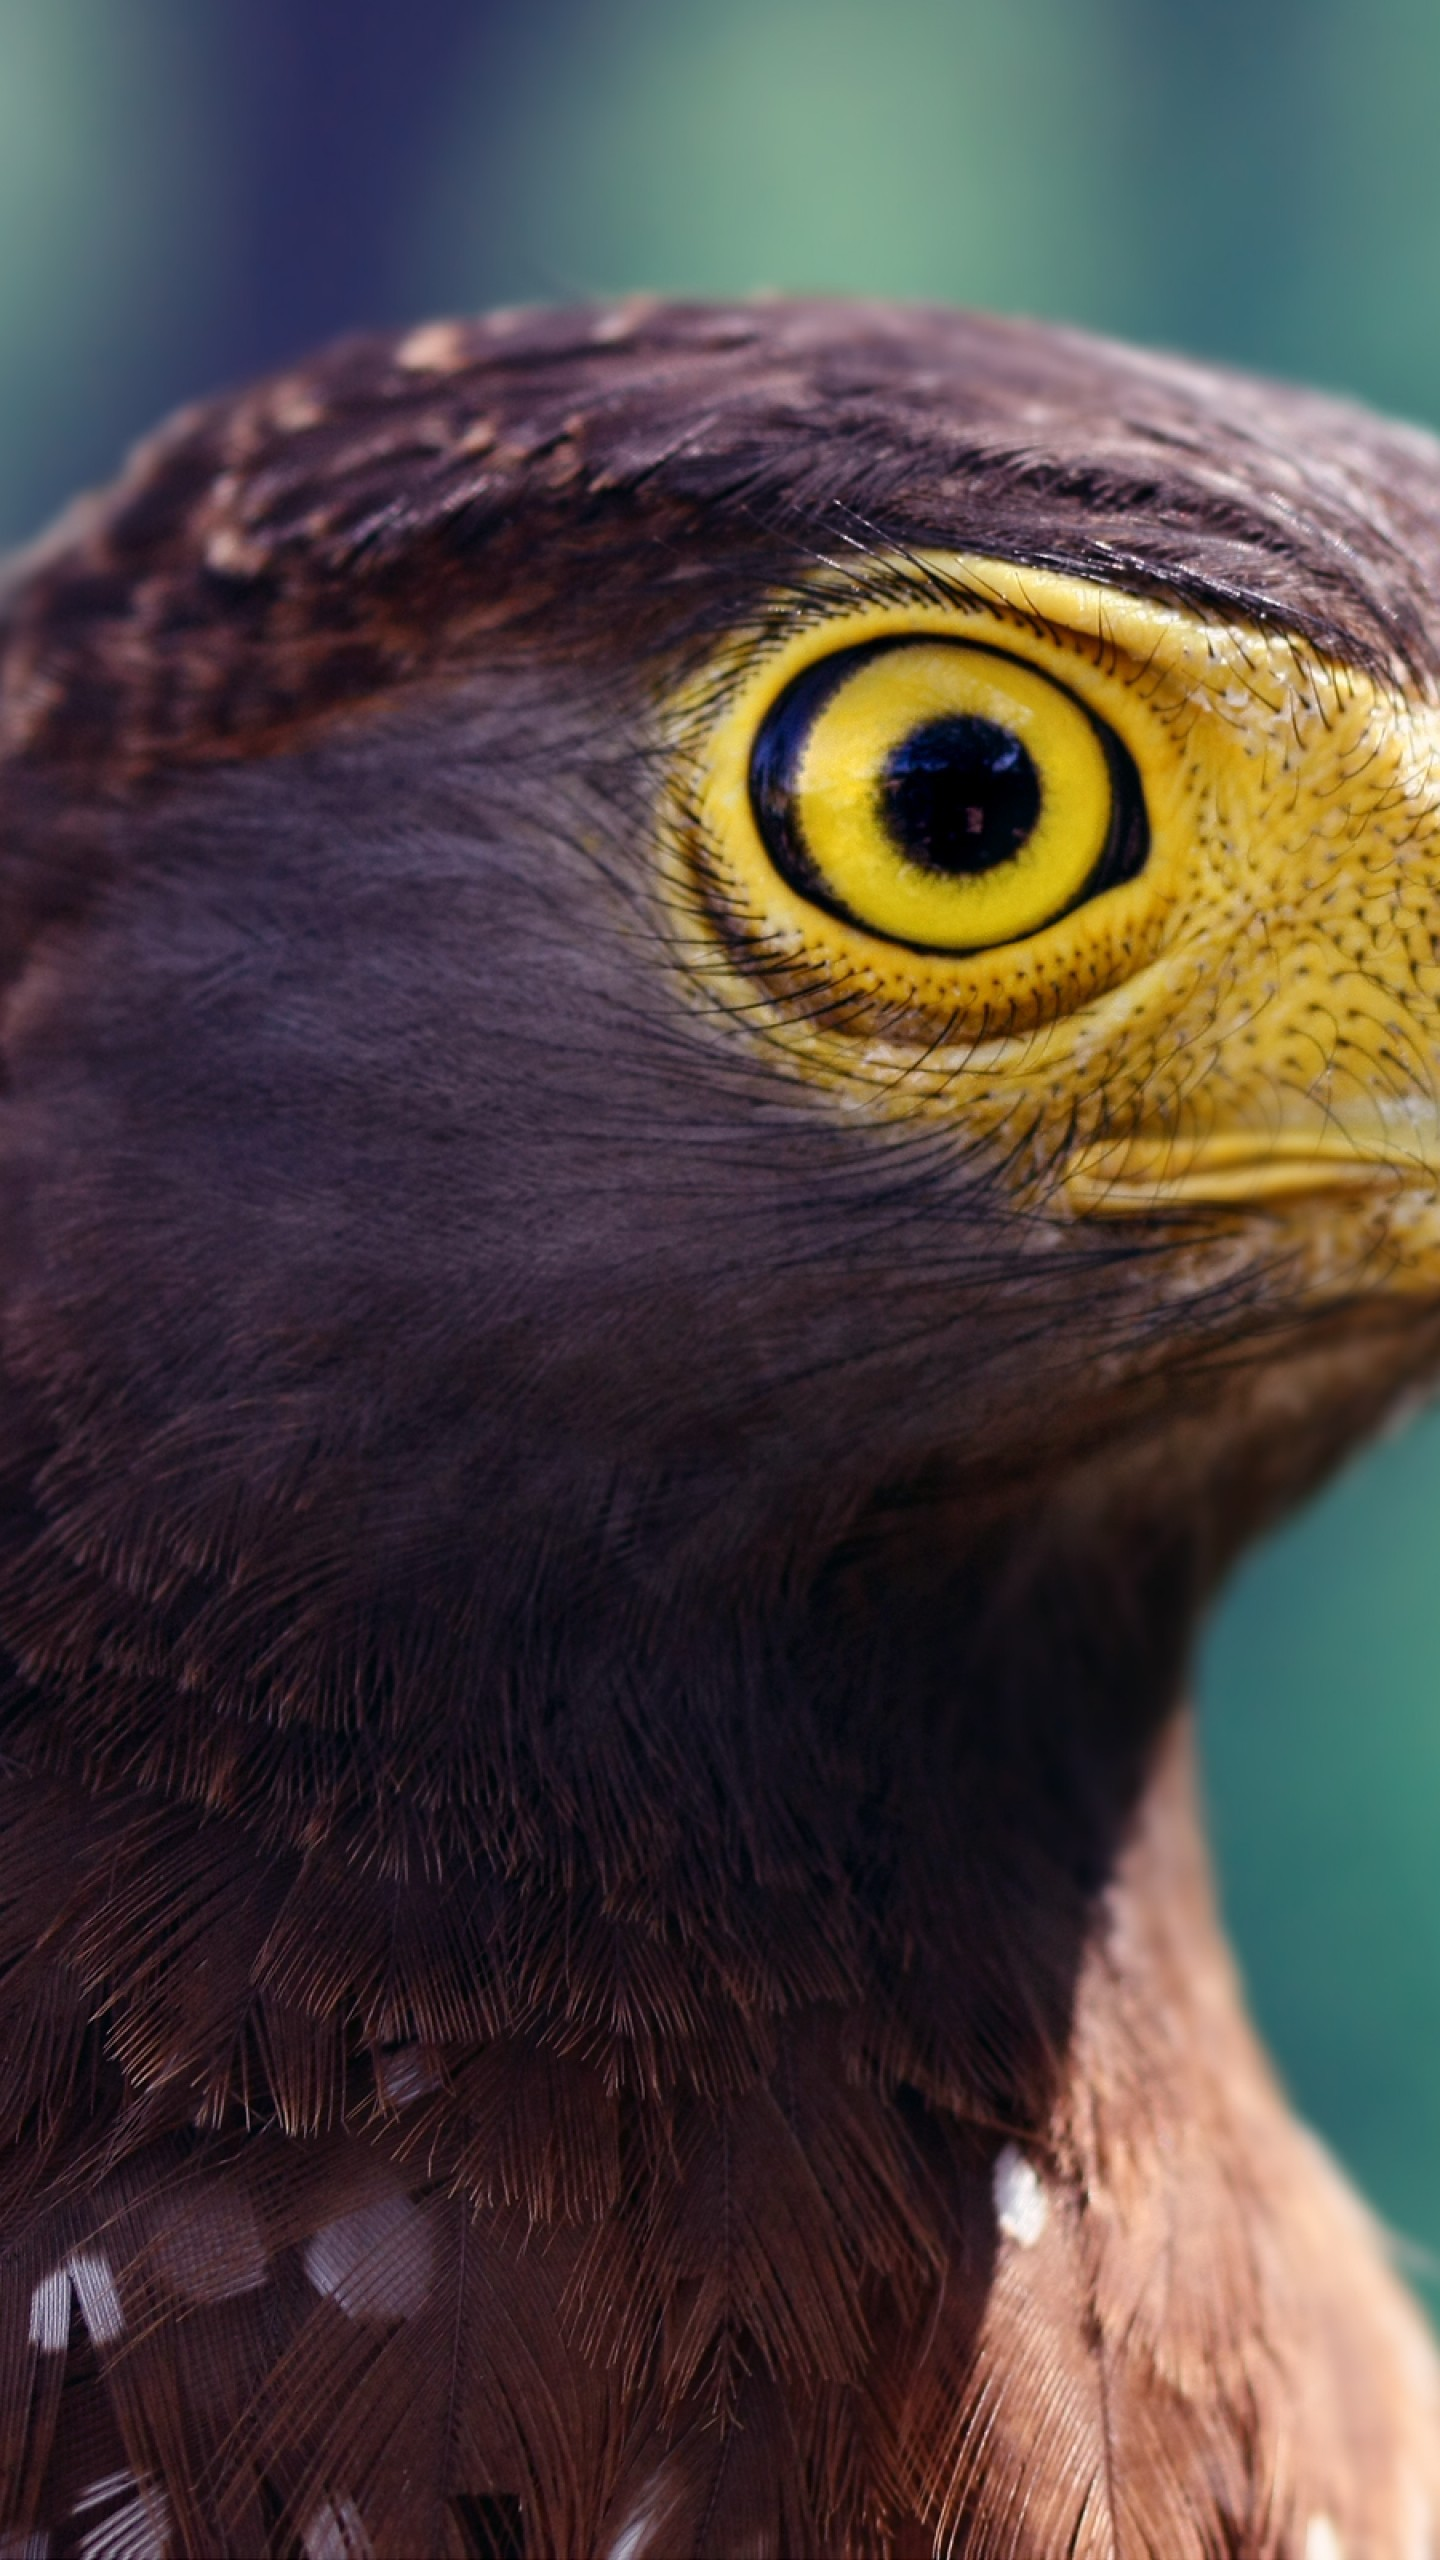 عکس زمینه چشمان زرد رنگ عقاب پس زمینه